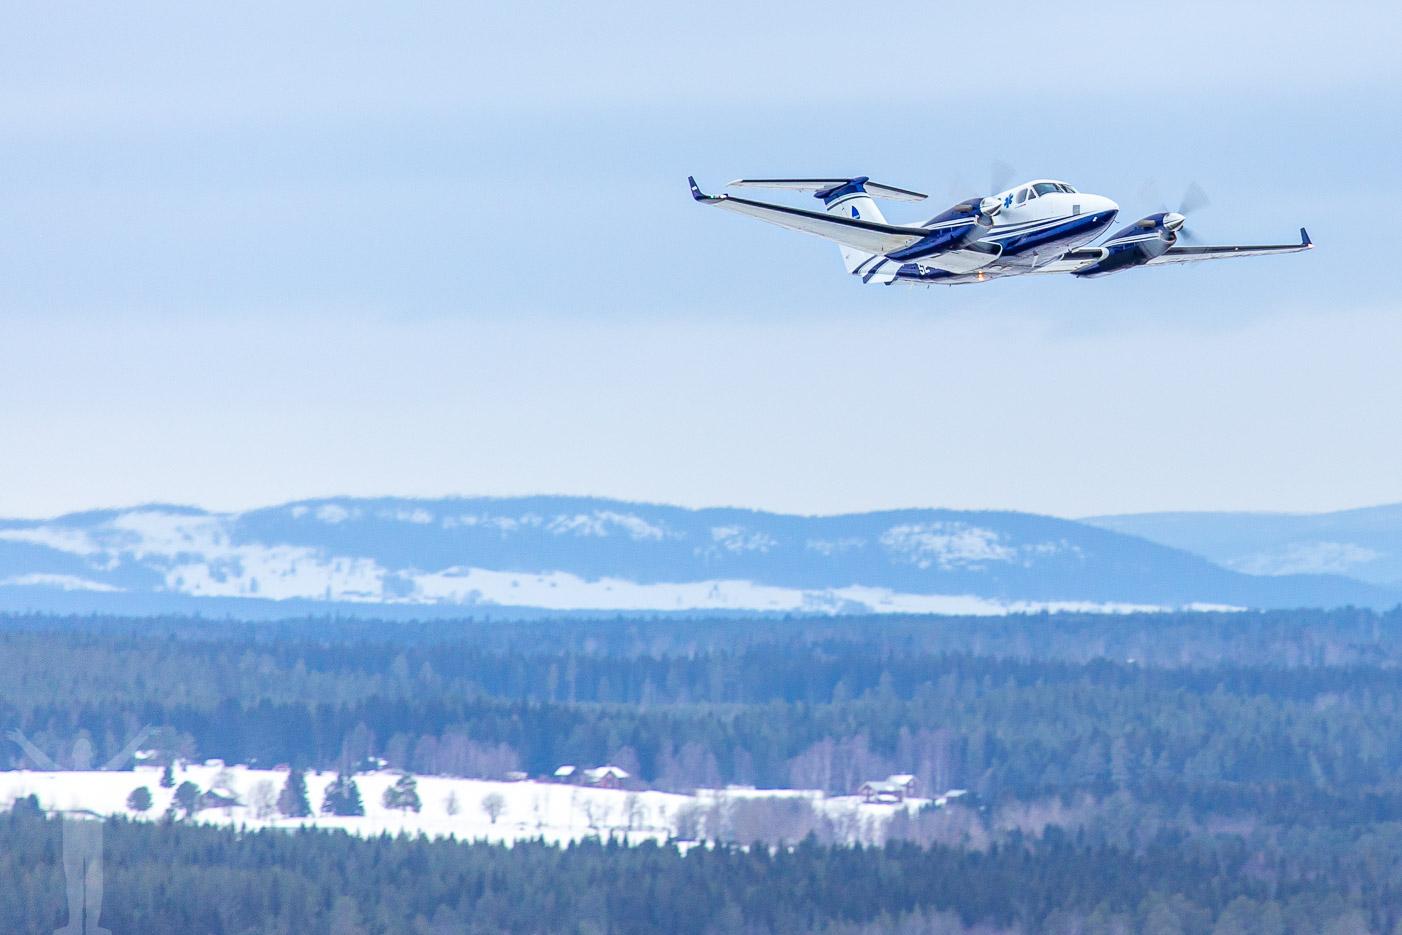 SE-MJH, King Air med EMS (Emergency Medical Service).